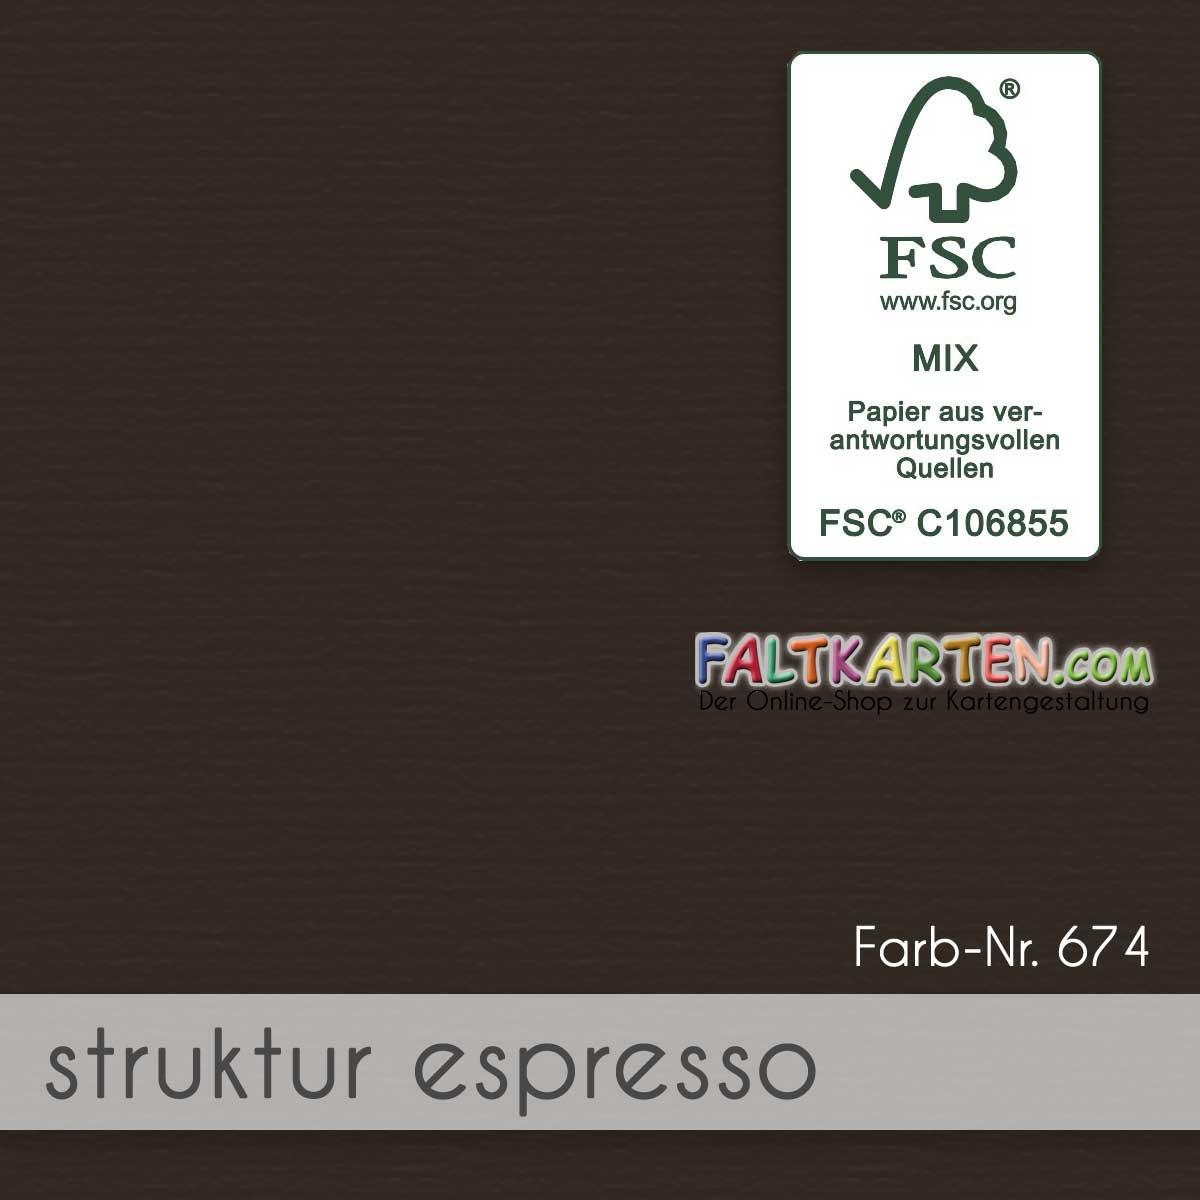 Farbton: struktur espresso